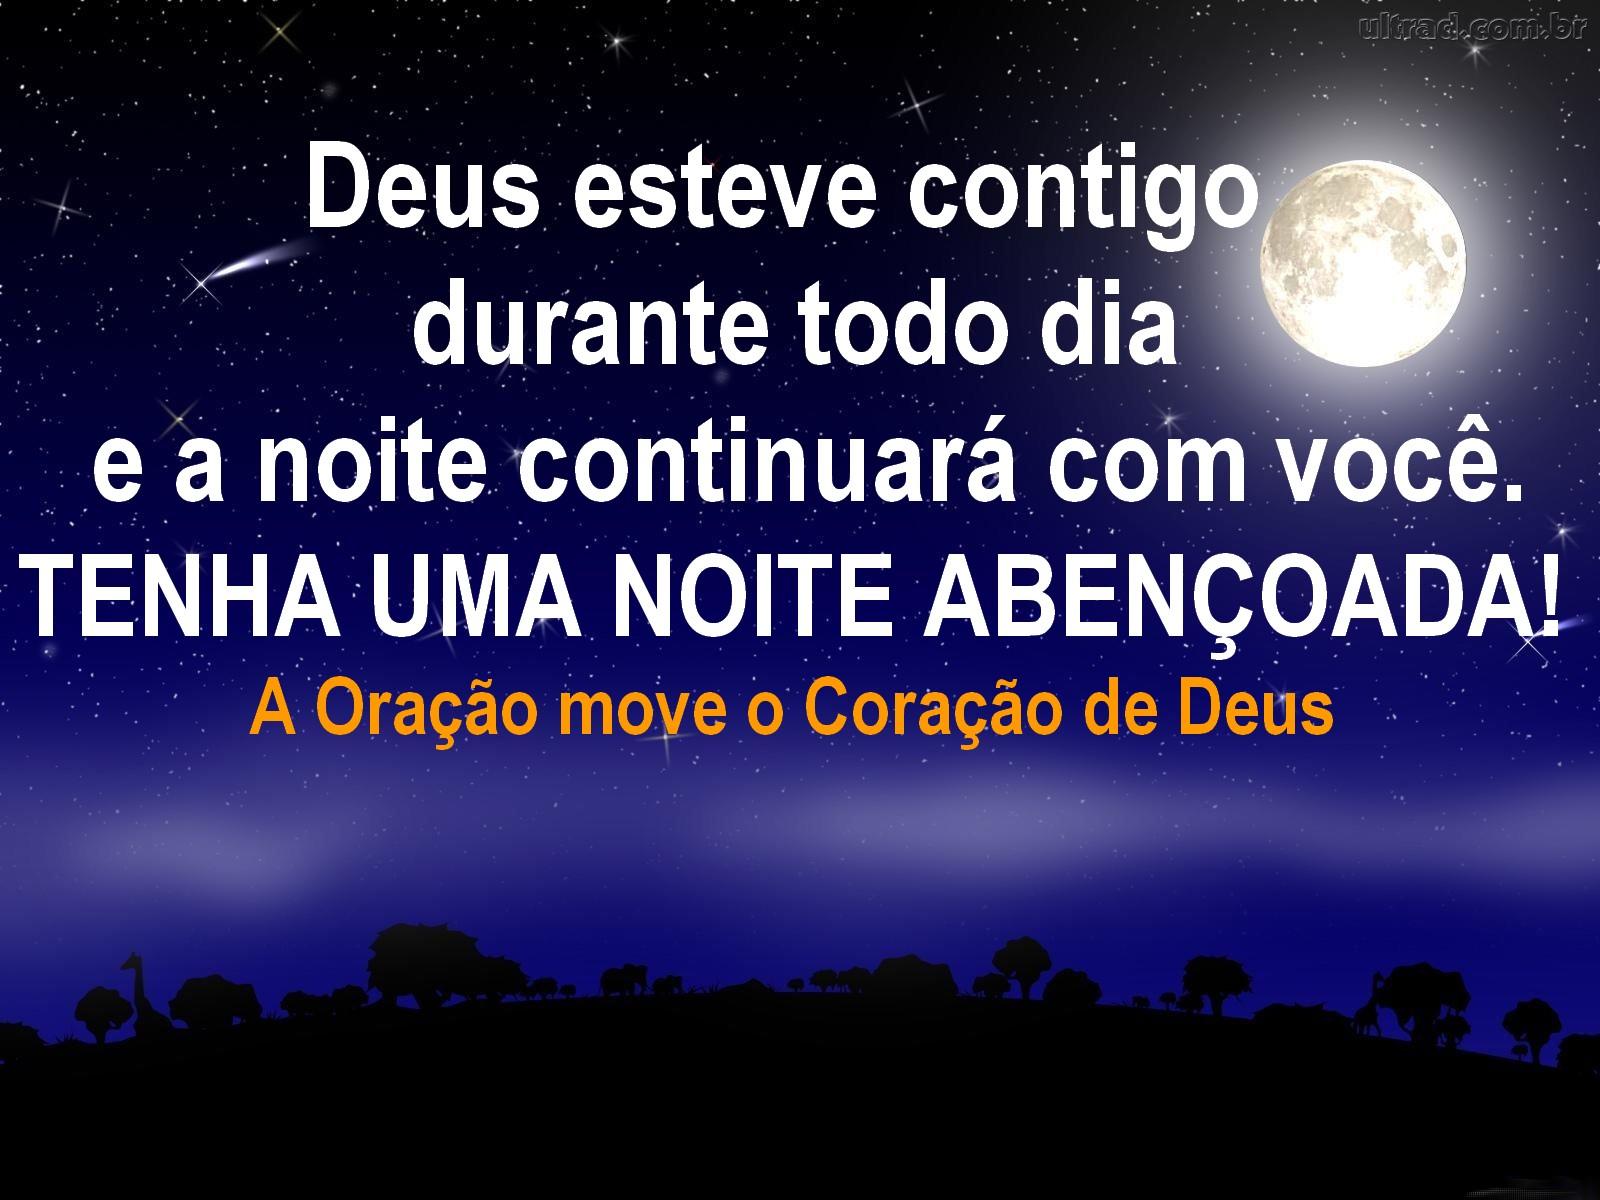 Boa Noite Deus: A Oração Move O Coração De Deus: Boa Noite Para WhatsApp